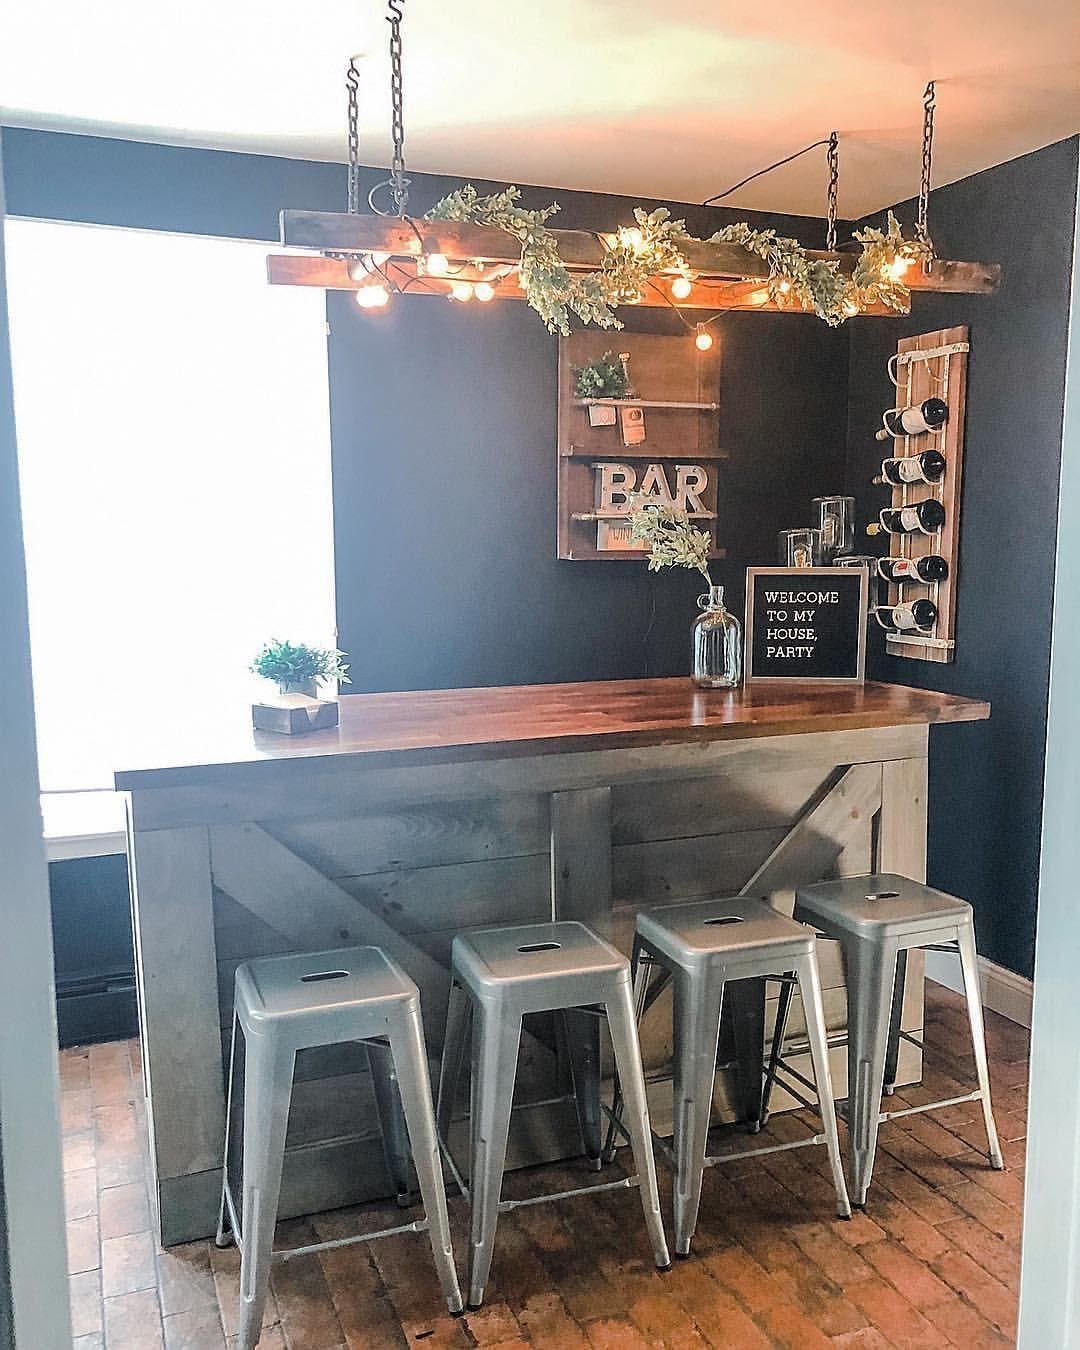 Carly Cianci Auf Instagram Ich Bin Sehr Zufrieden Mit Der Umsetzung Unseres Neuesten Projek Light And Chandelier Rus Home Bar Rooms Diy Home Bar Bars For Home